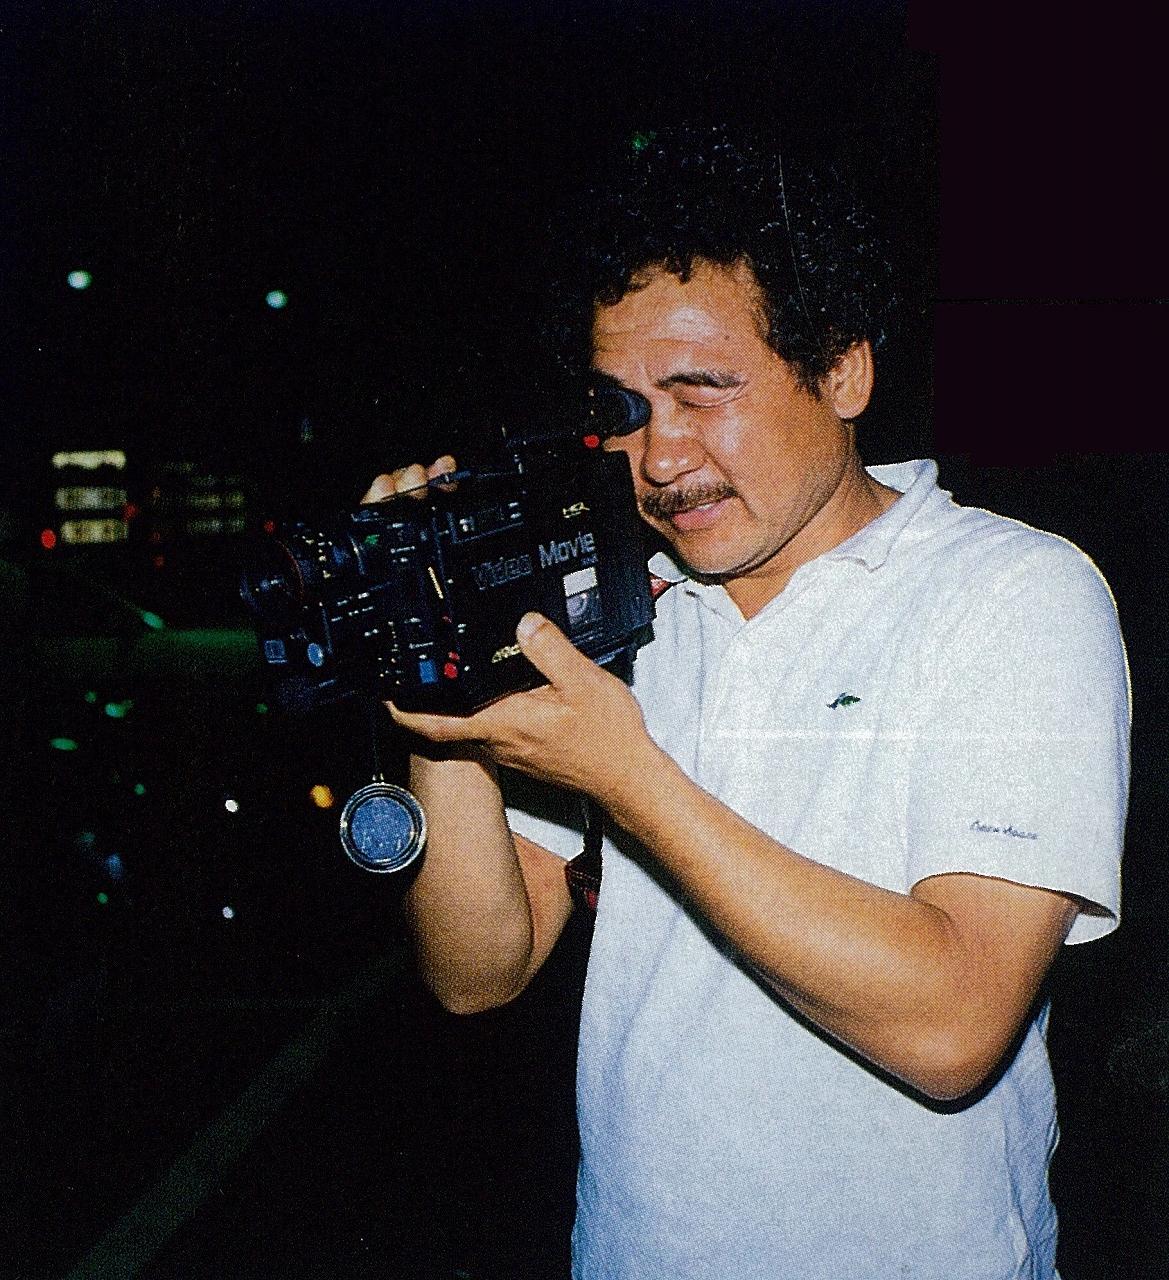 カメラマン・雨さん